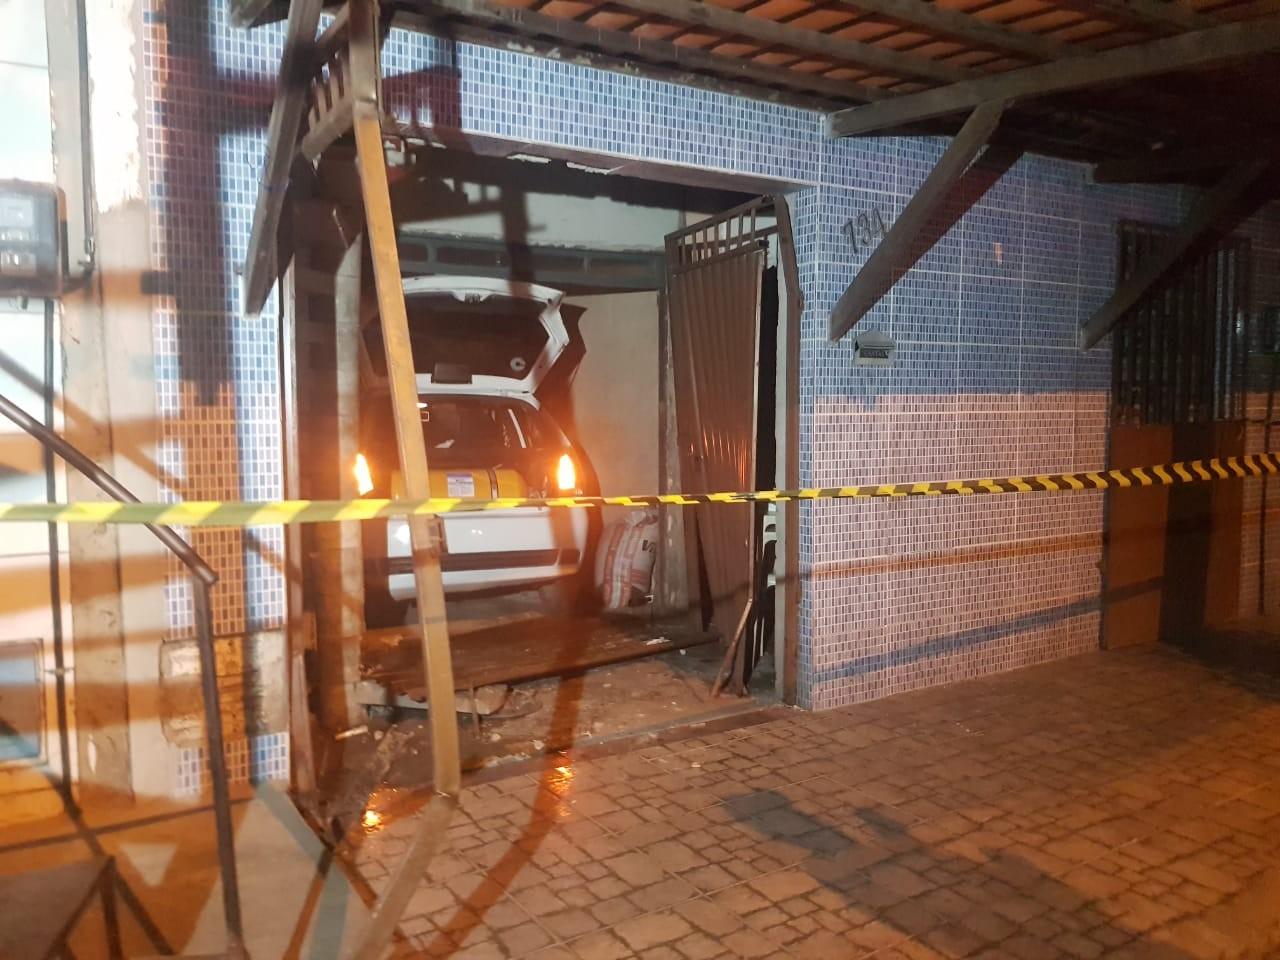 Motorista é atingido por tiros em tentativa de assalto, perde o controle do veículo e atinge portão de casa em Fortaleza